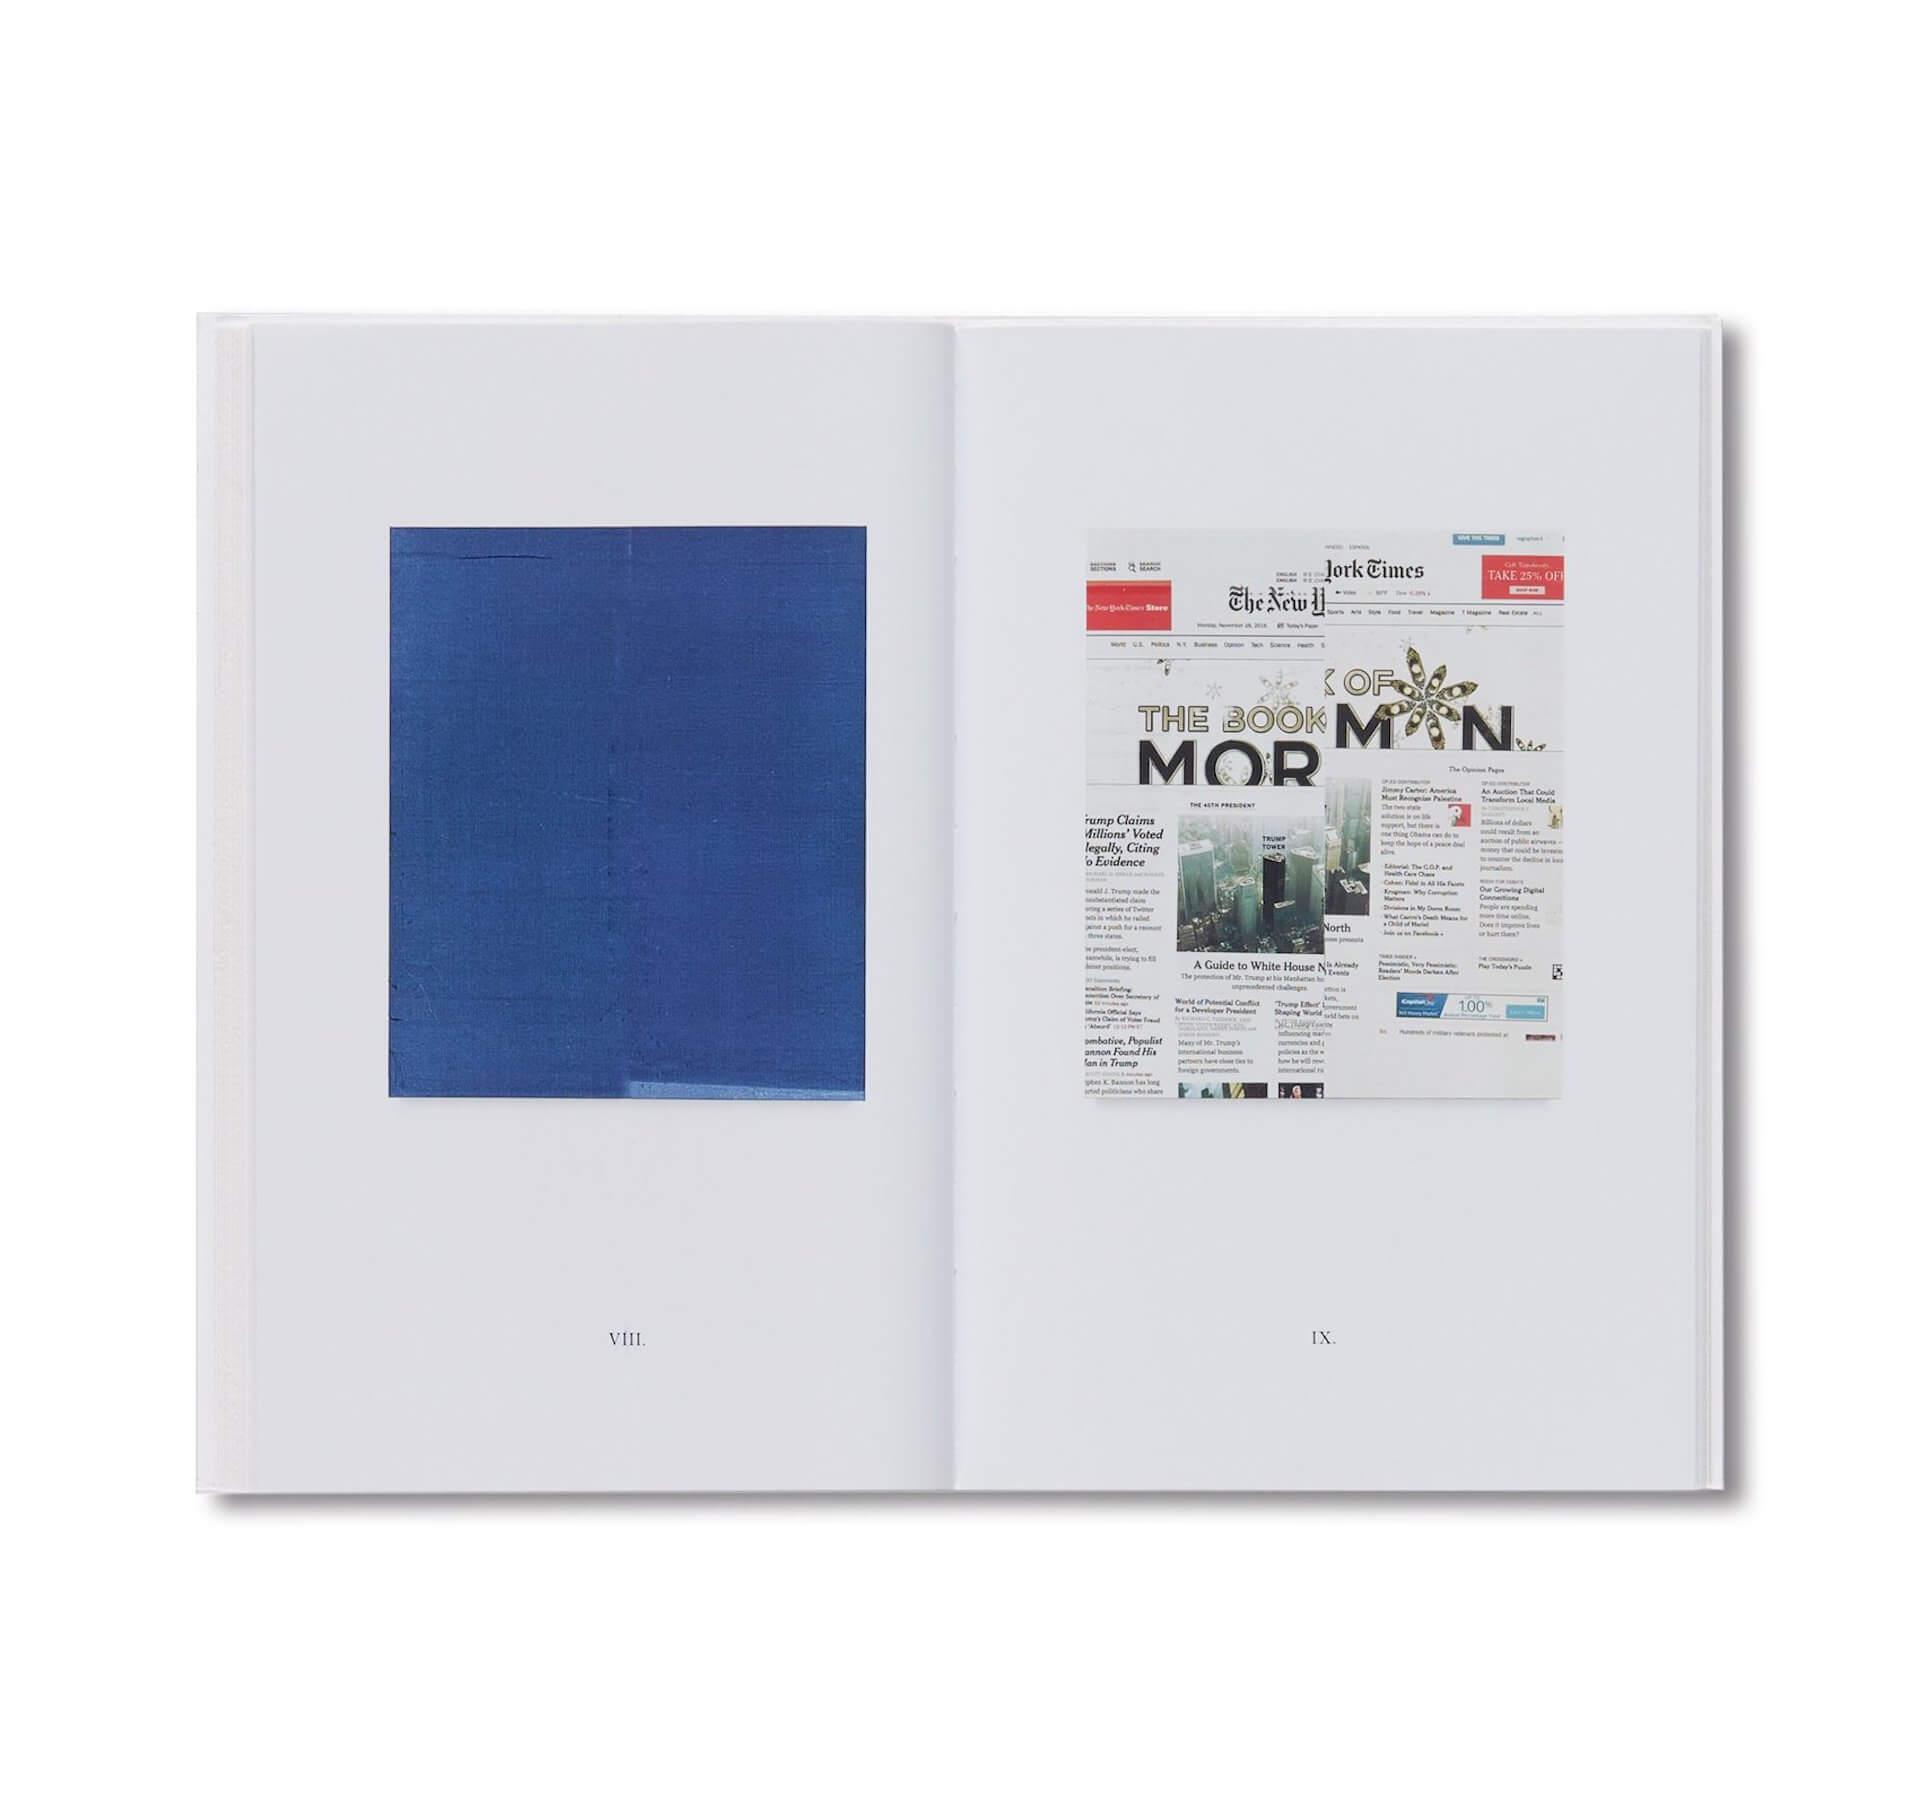 アートブックノススメ Qetic編集部が選ぶ5冊/Davide Sorrenti 他 art210322_artbook-012